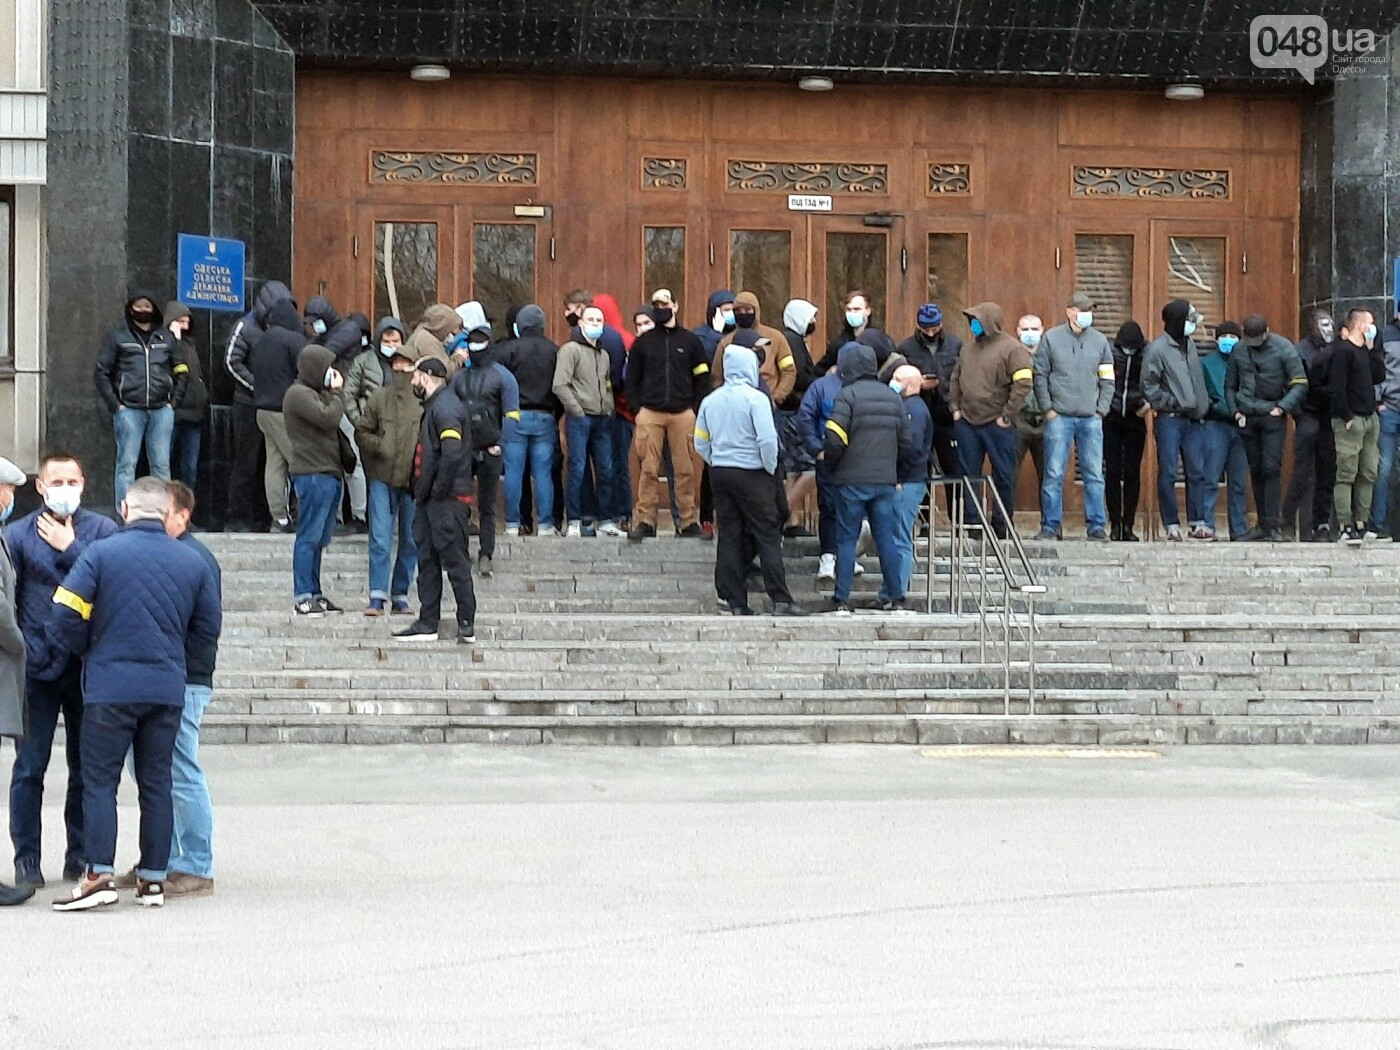 В Одессе неизвестные в масках и балаклавах окружили здание обладминистрации, - ФОТО, фото-3